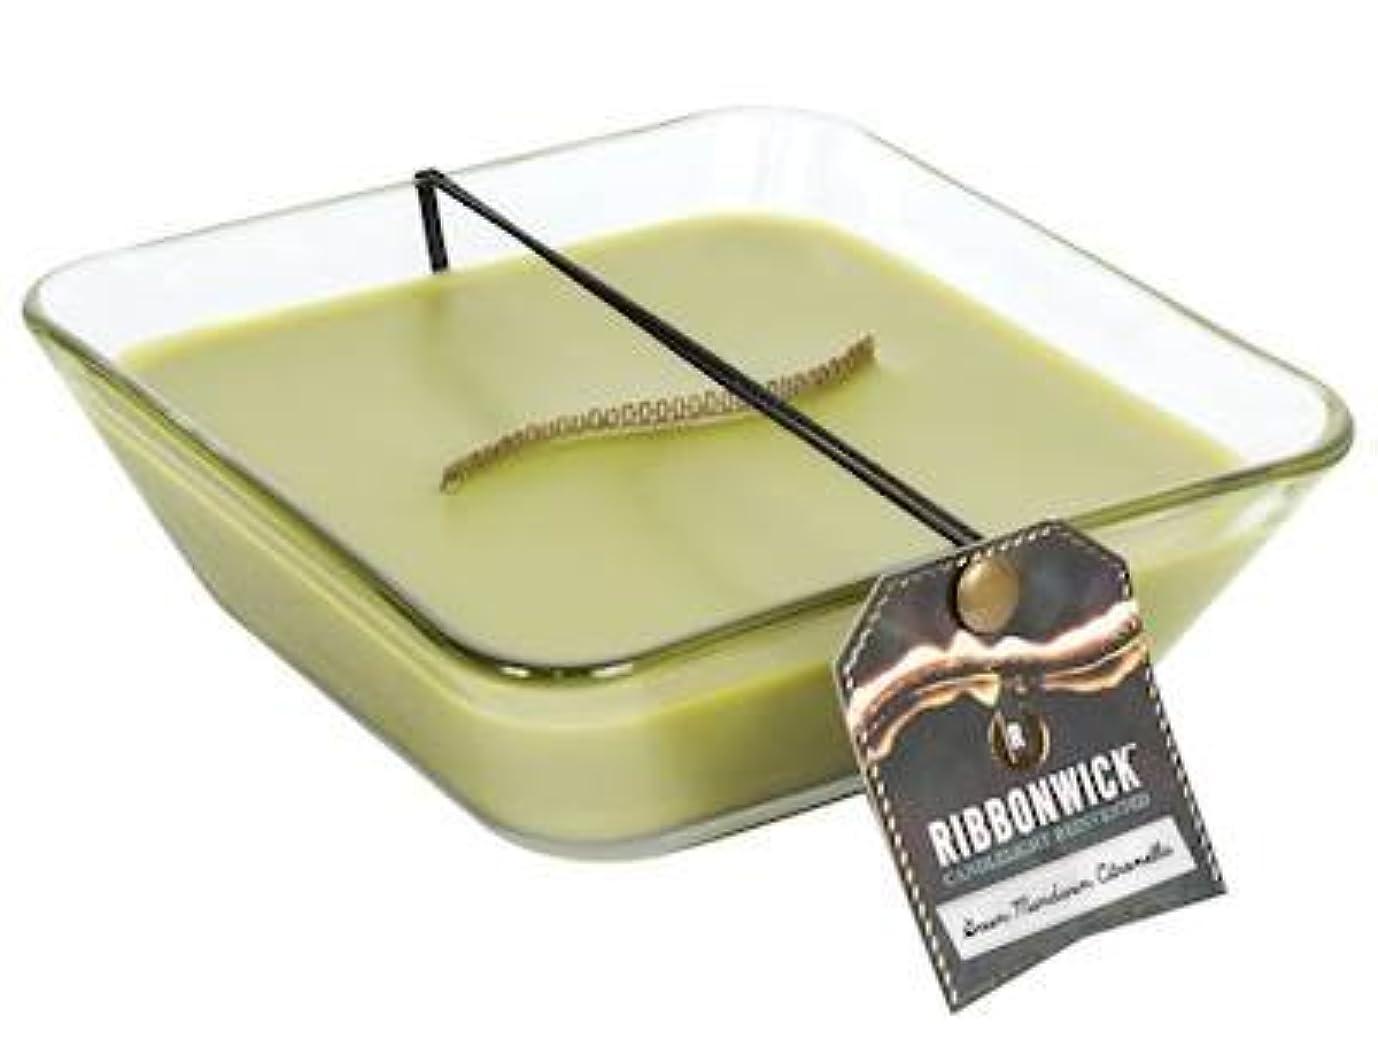 刺激する改修する泳ぐグリーンマンダリンシトロネラ装飾ガラスMedium RibbonWick Scented Candle – アウトドアコレクション